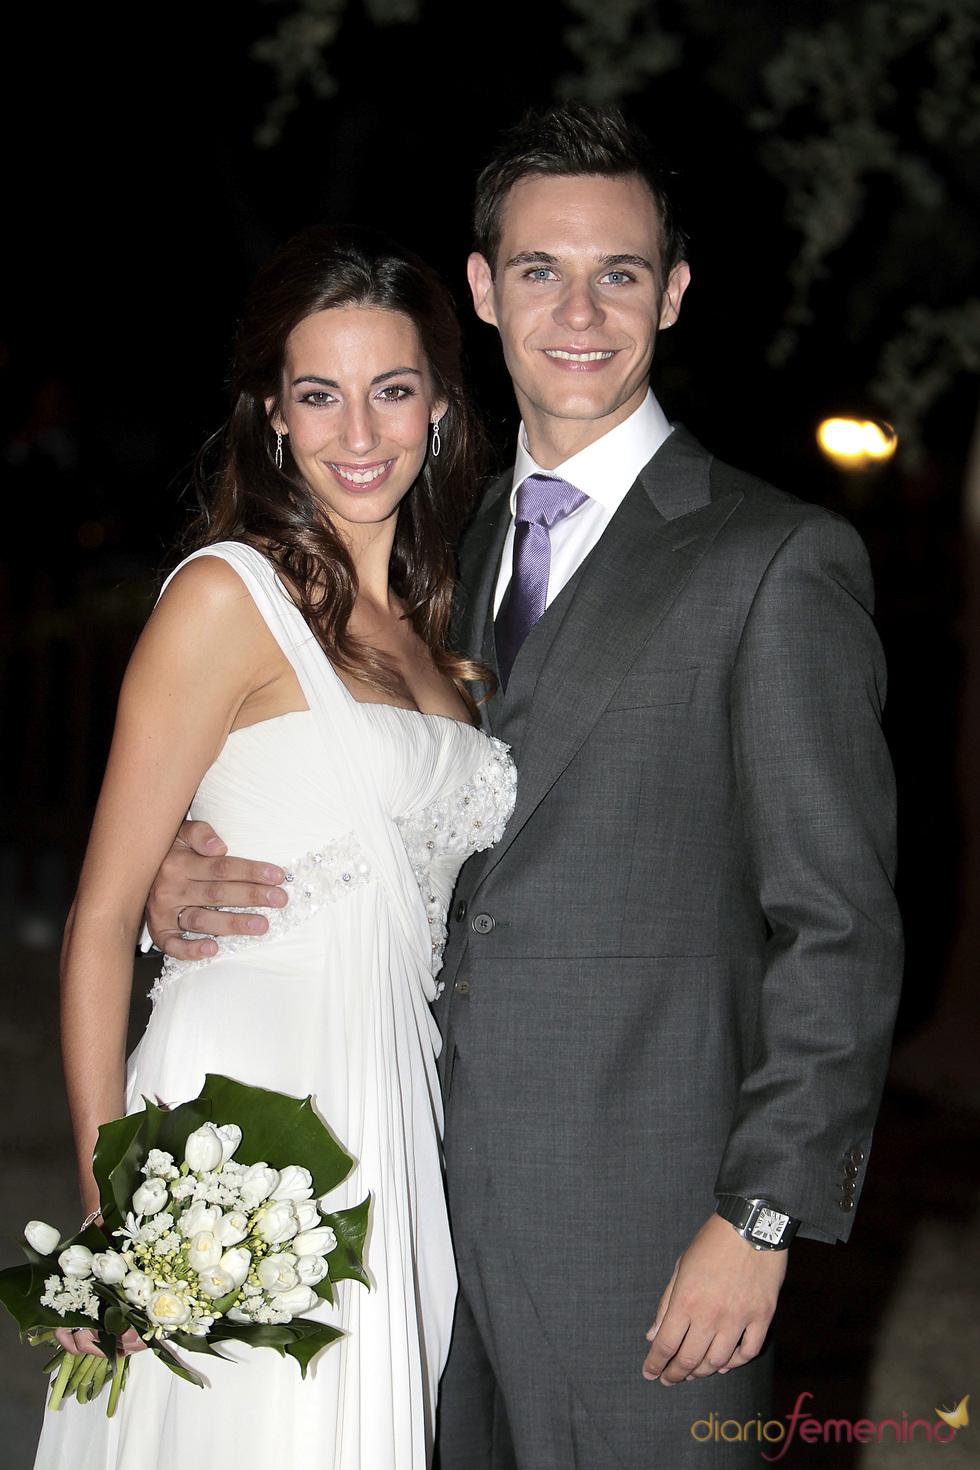 Almudena Cid y Christian ya convertidos en marido y mujer